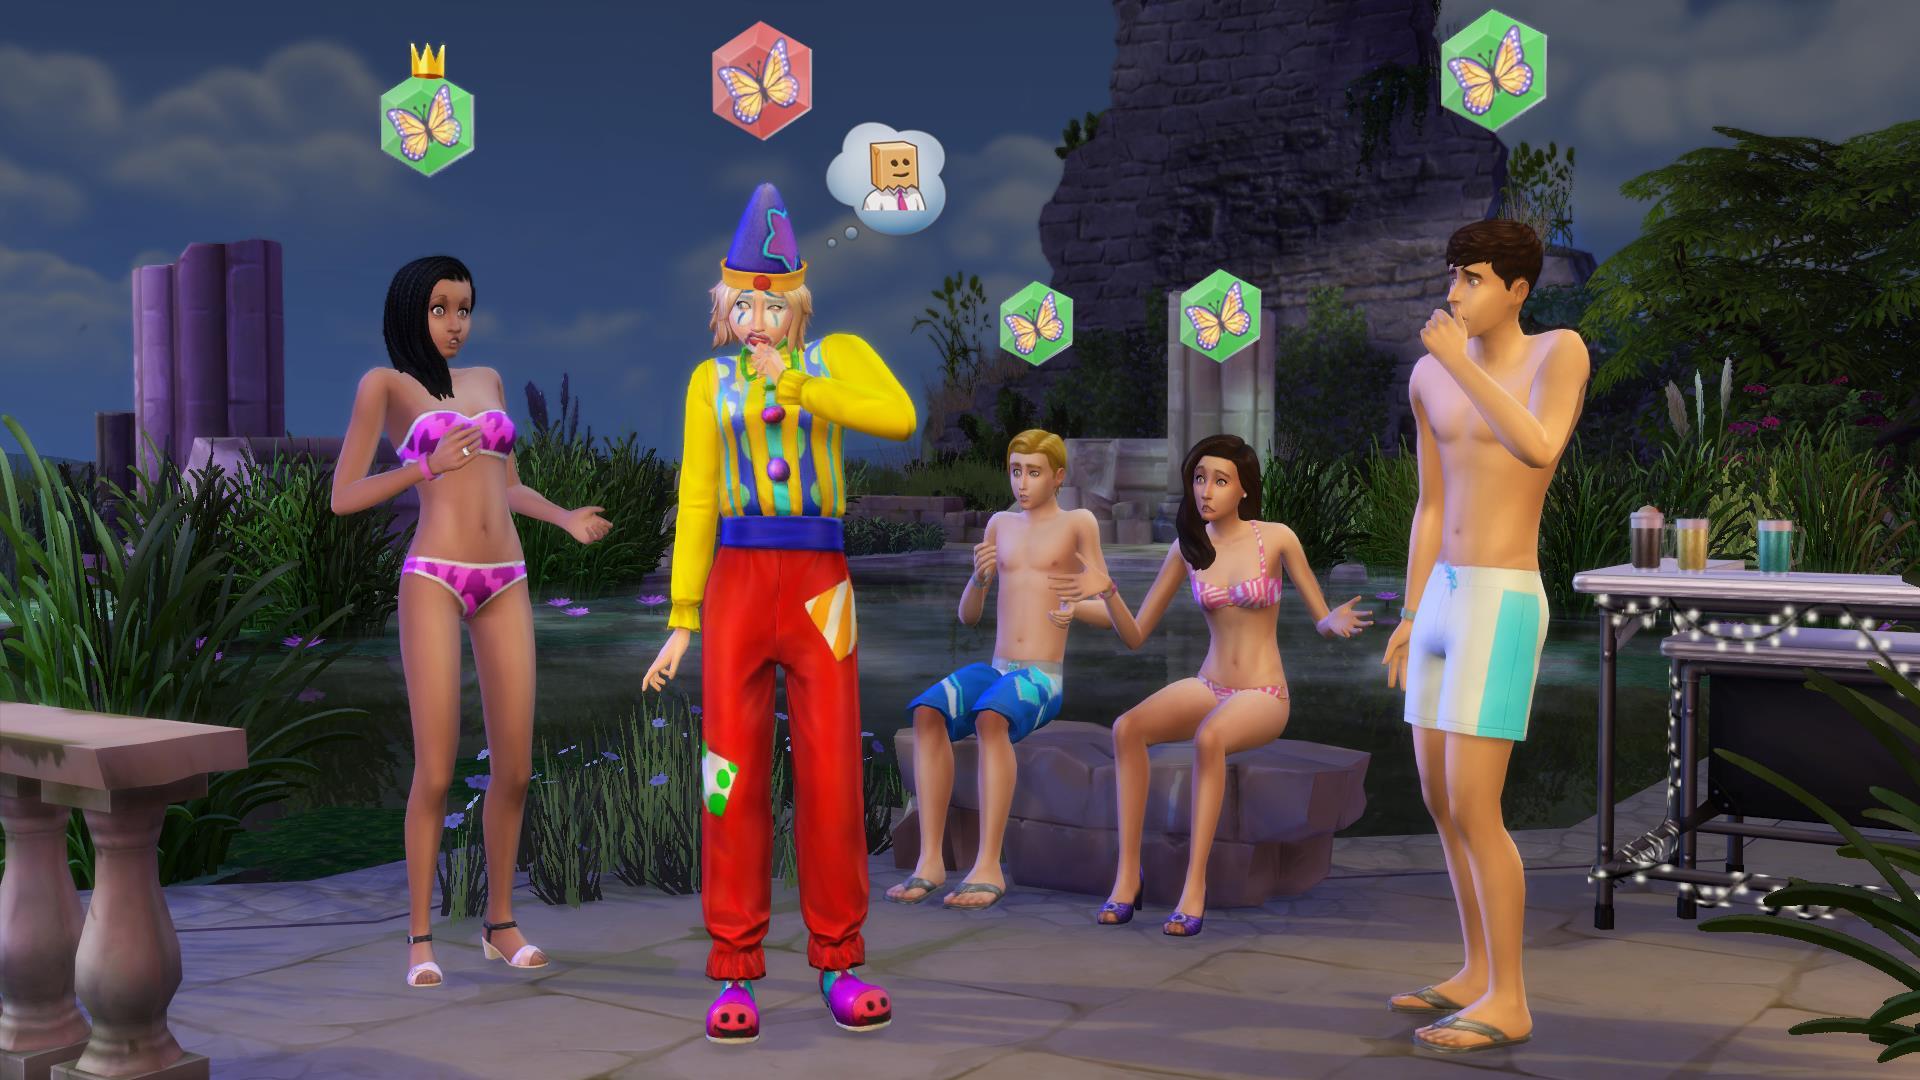 Un'immagine del videogame The Sims 4